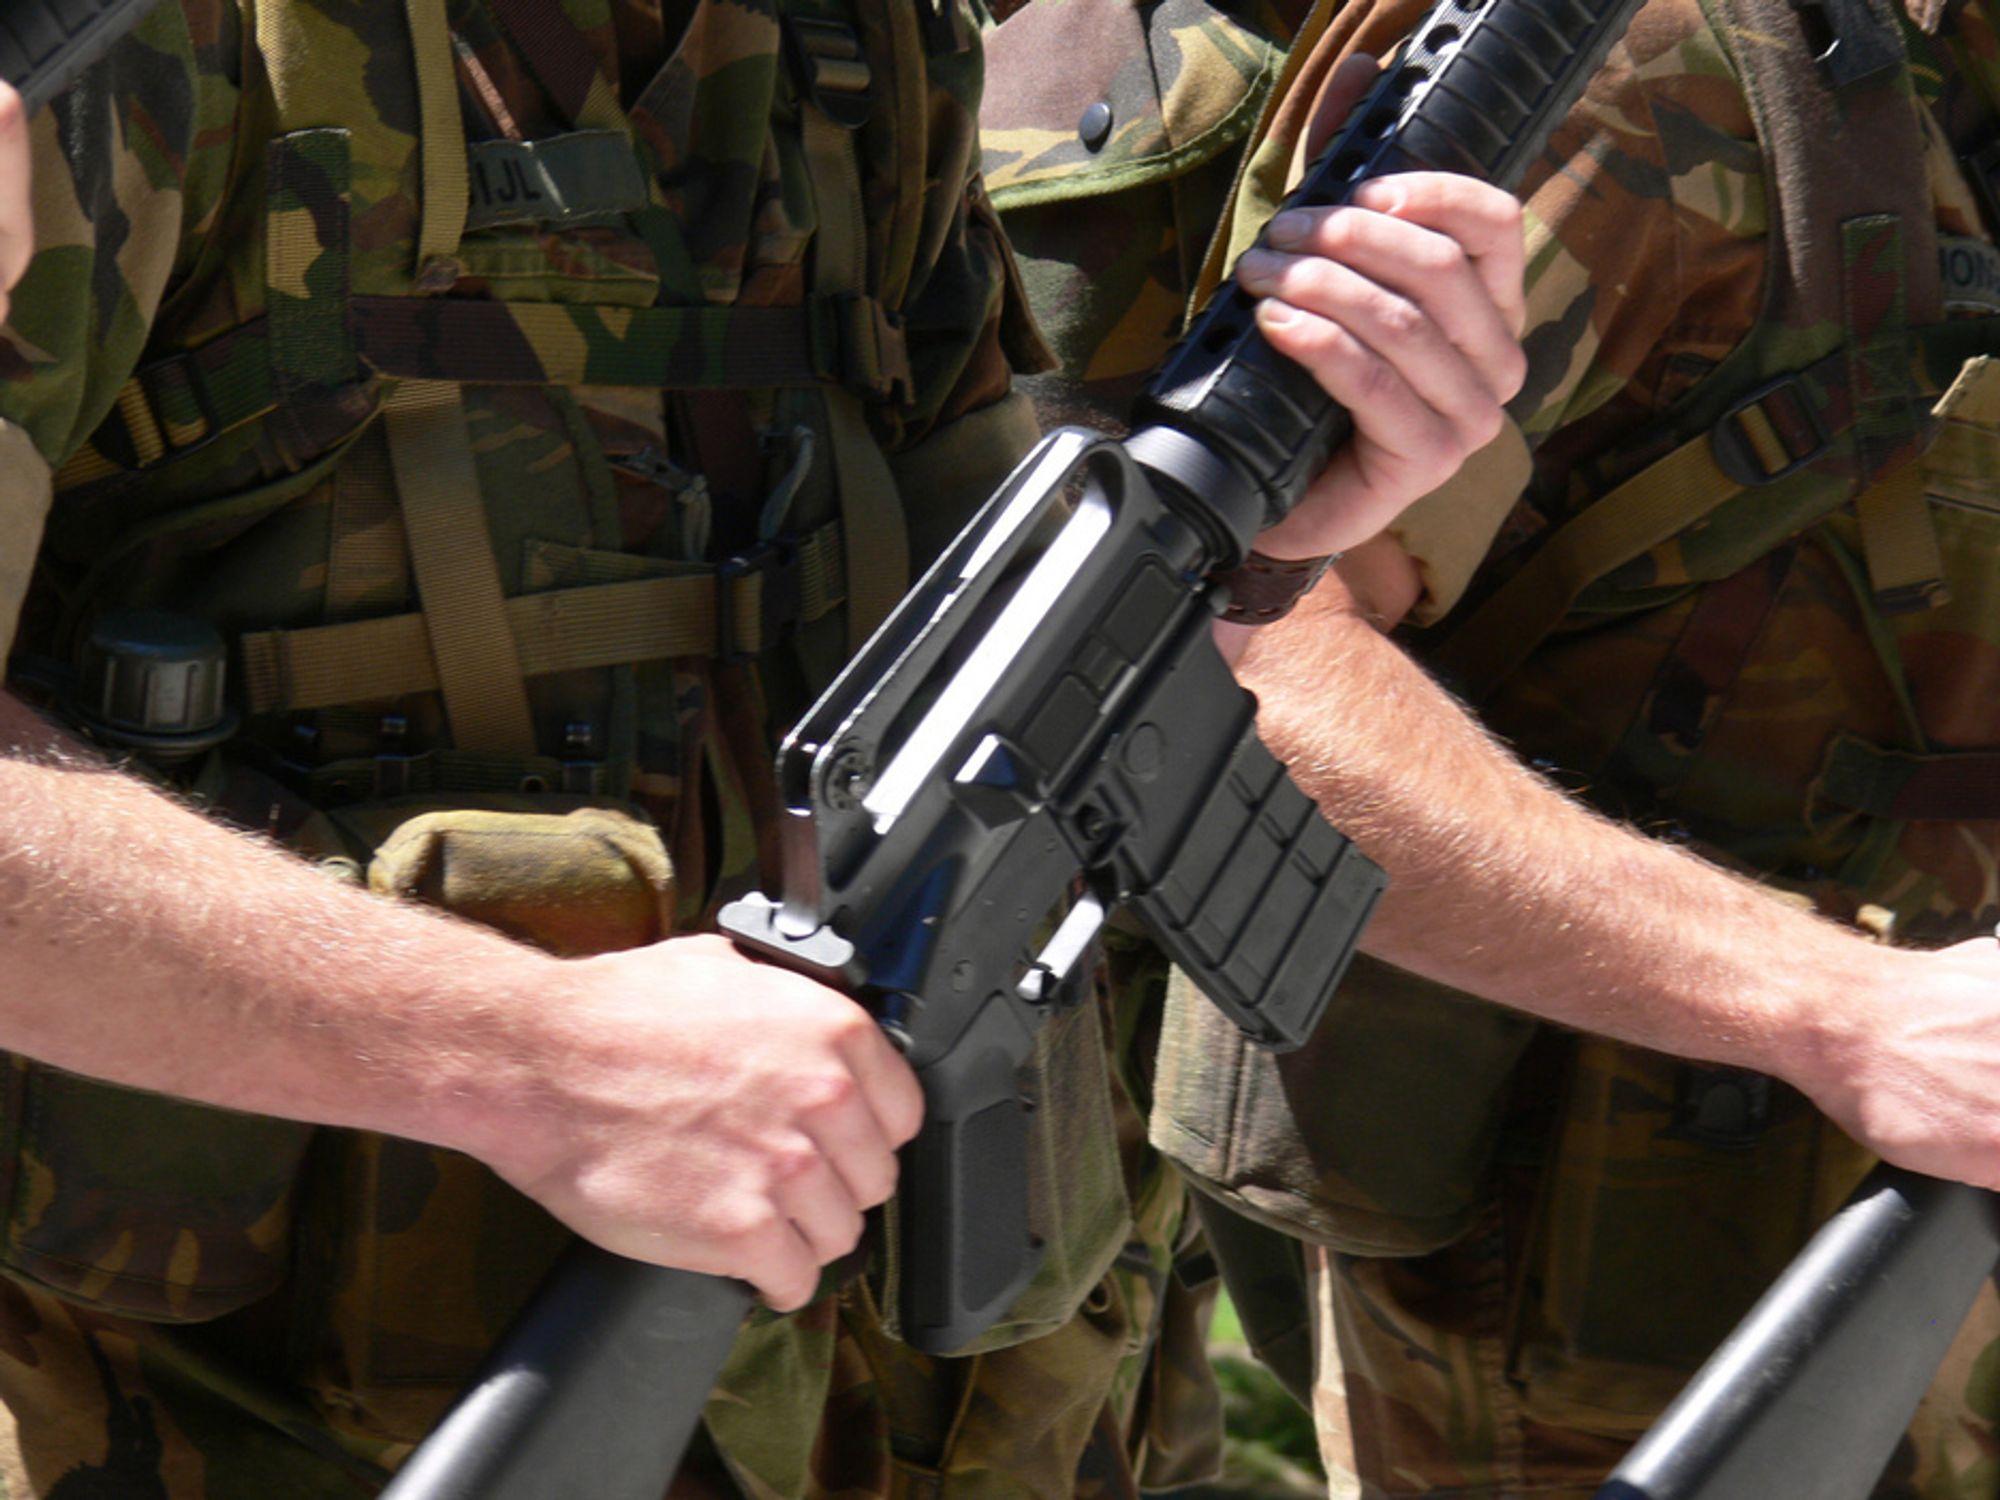 LANGT UNNA: Forsvarets spesialkommando er stasjonert på Rena, men har ansvar for bekjempelse av offshore terroranslag.